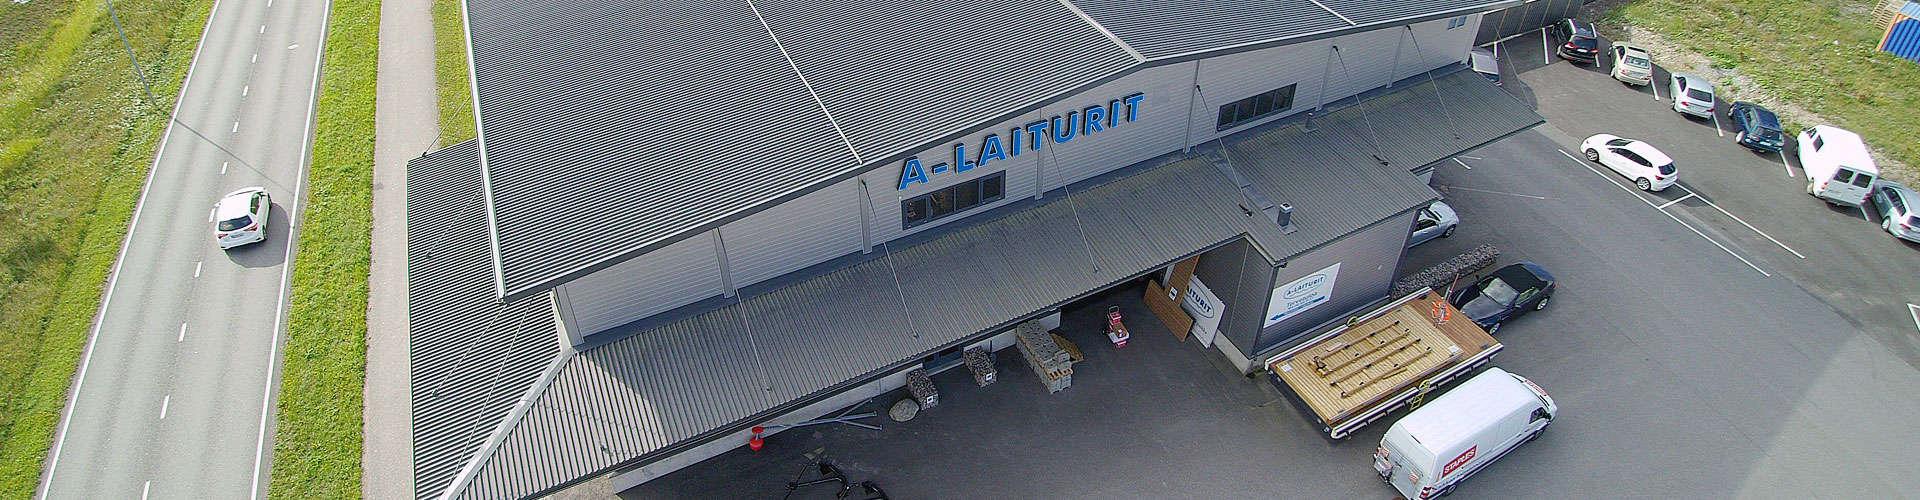 A-laiturit myymälä ulkokuva